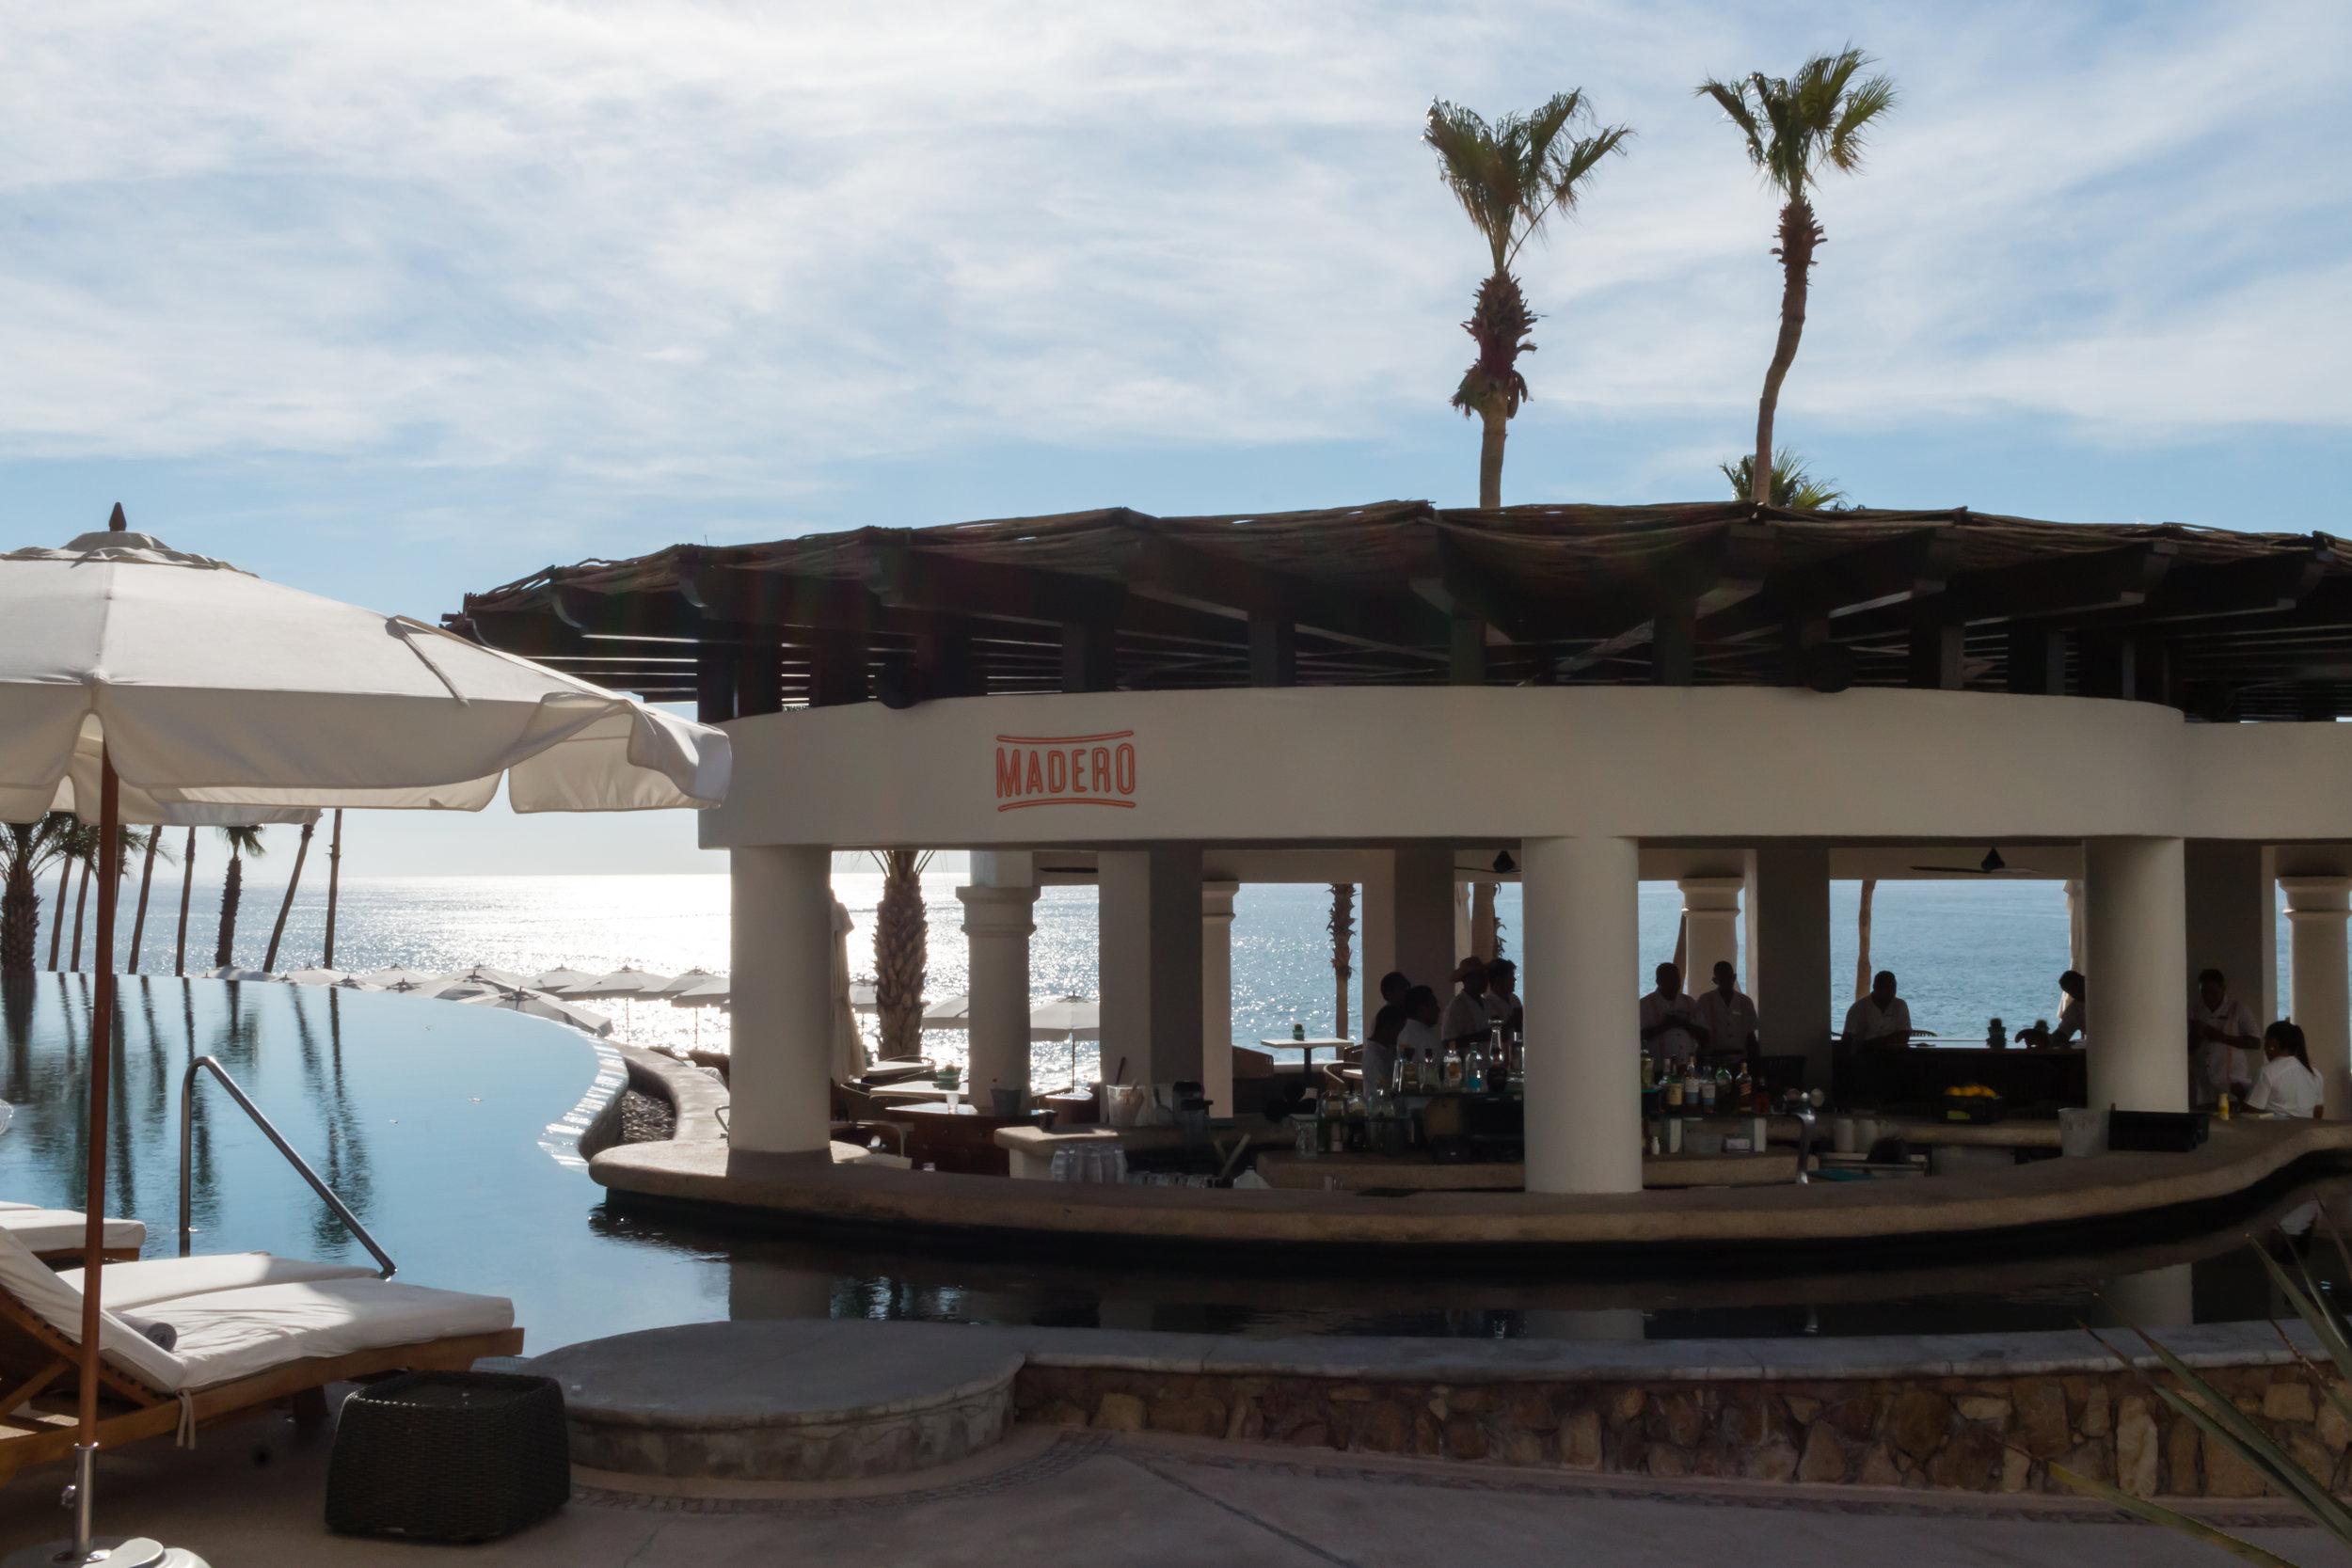 madero-hilton-los-cabos-resort-mexico